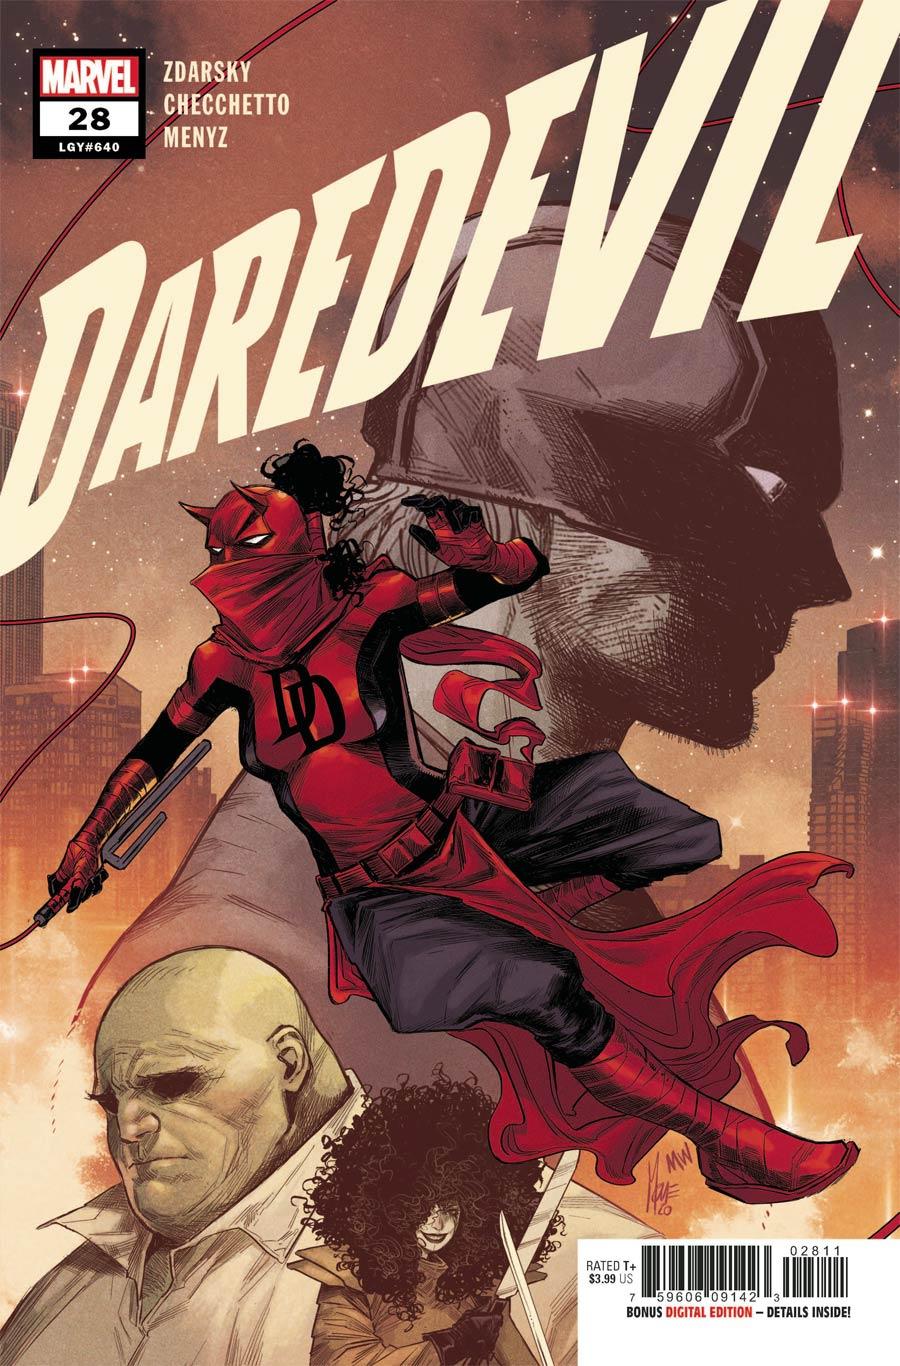 Daredevil Vol 6 #28 Cover A Regular Marco Checchetto Cover